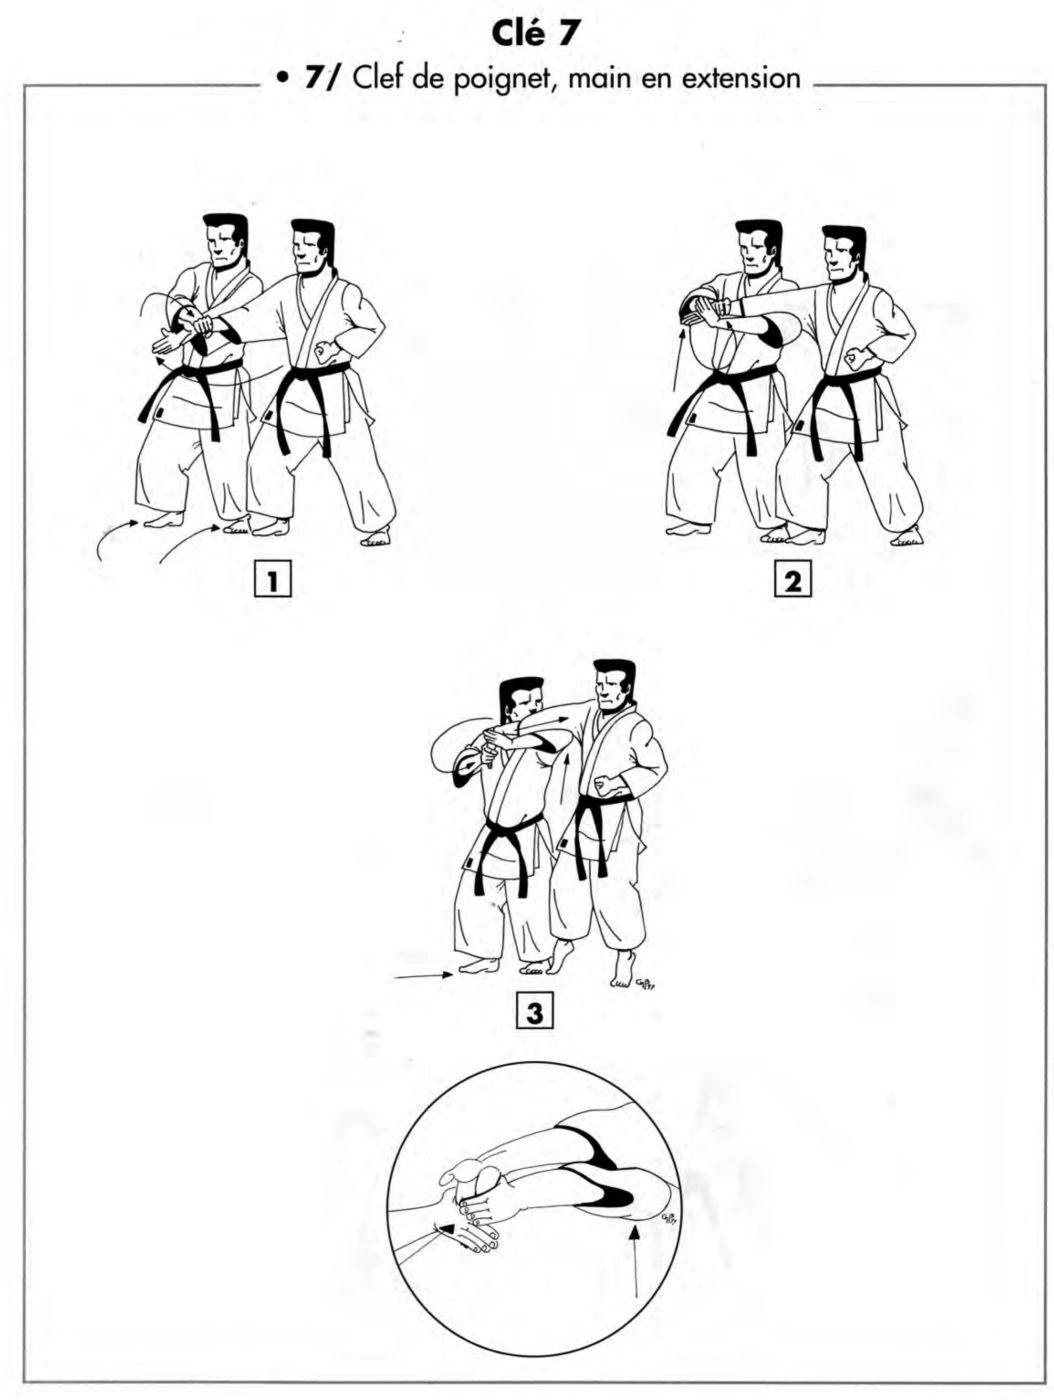 Clé : tembin – clé de poignet main en extension